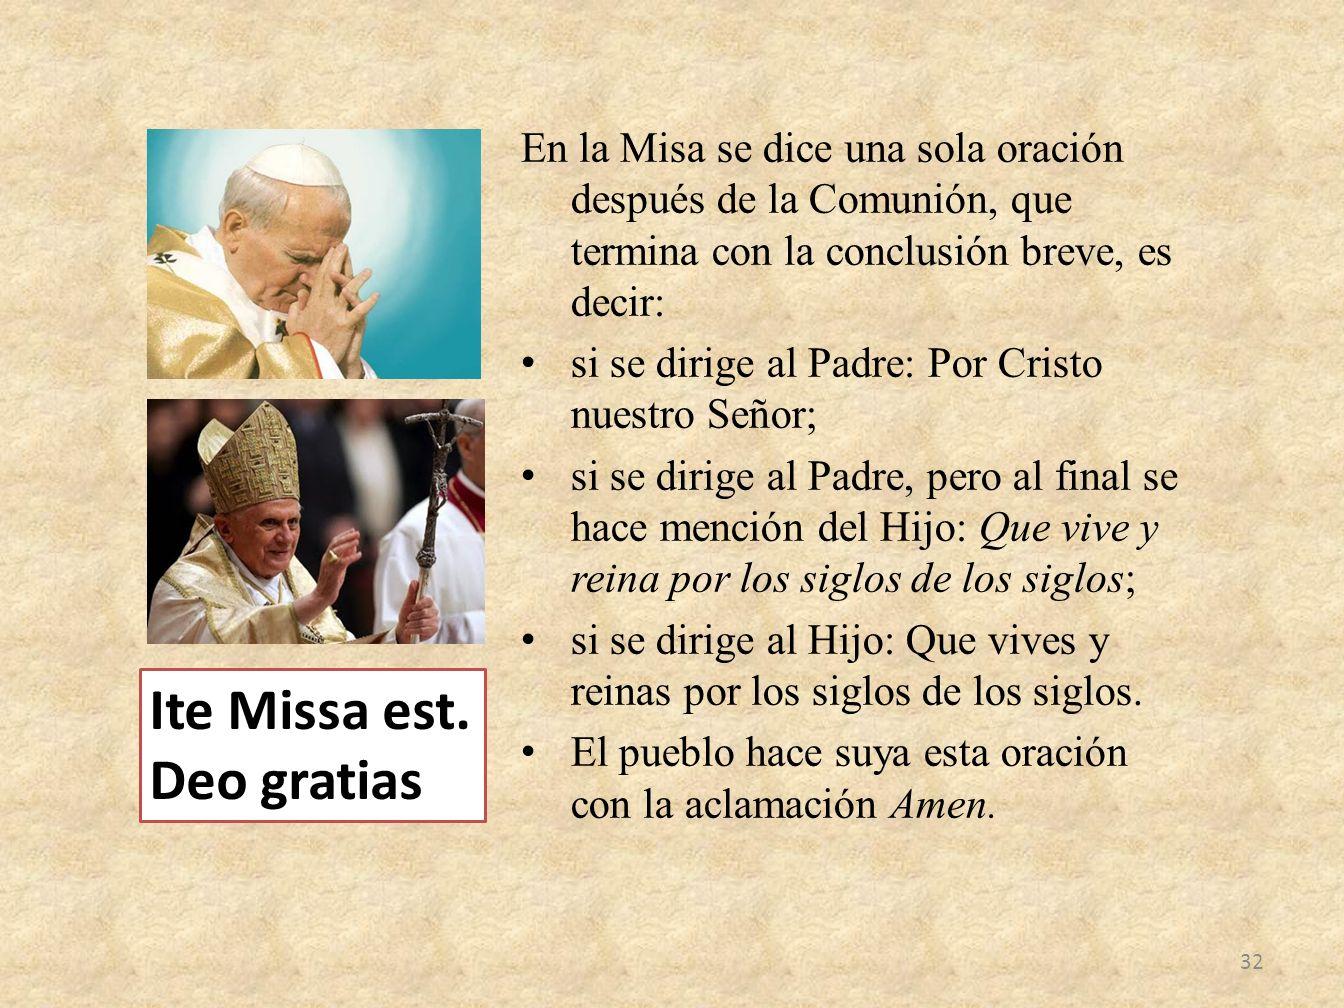 Ite Missa est. Deo gratias